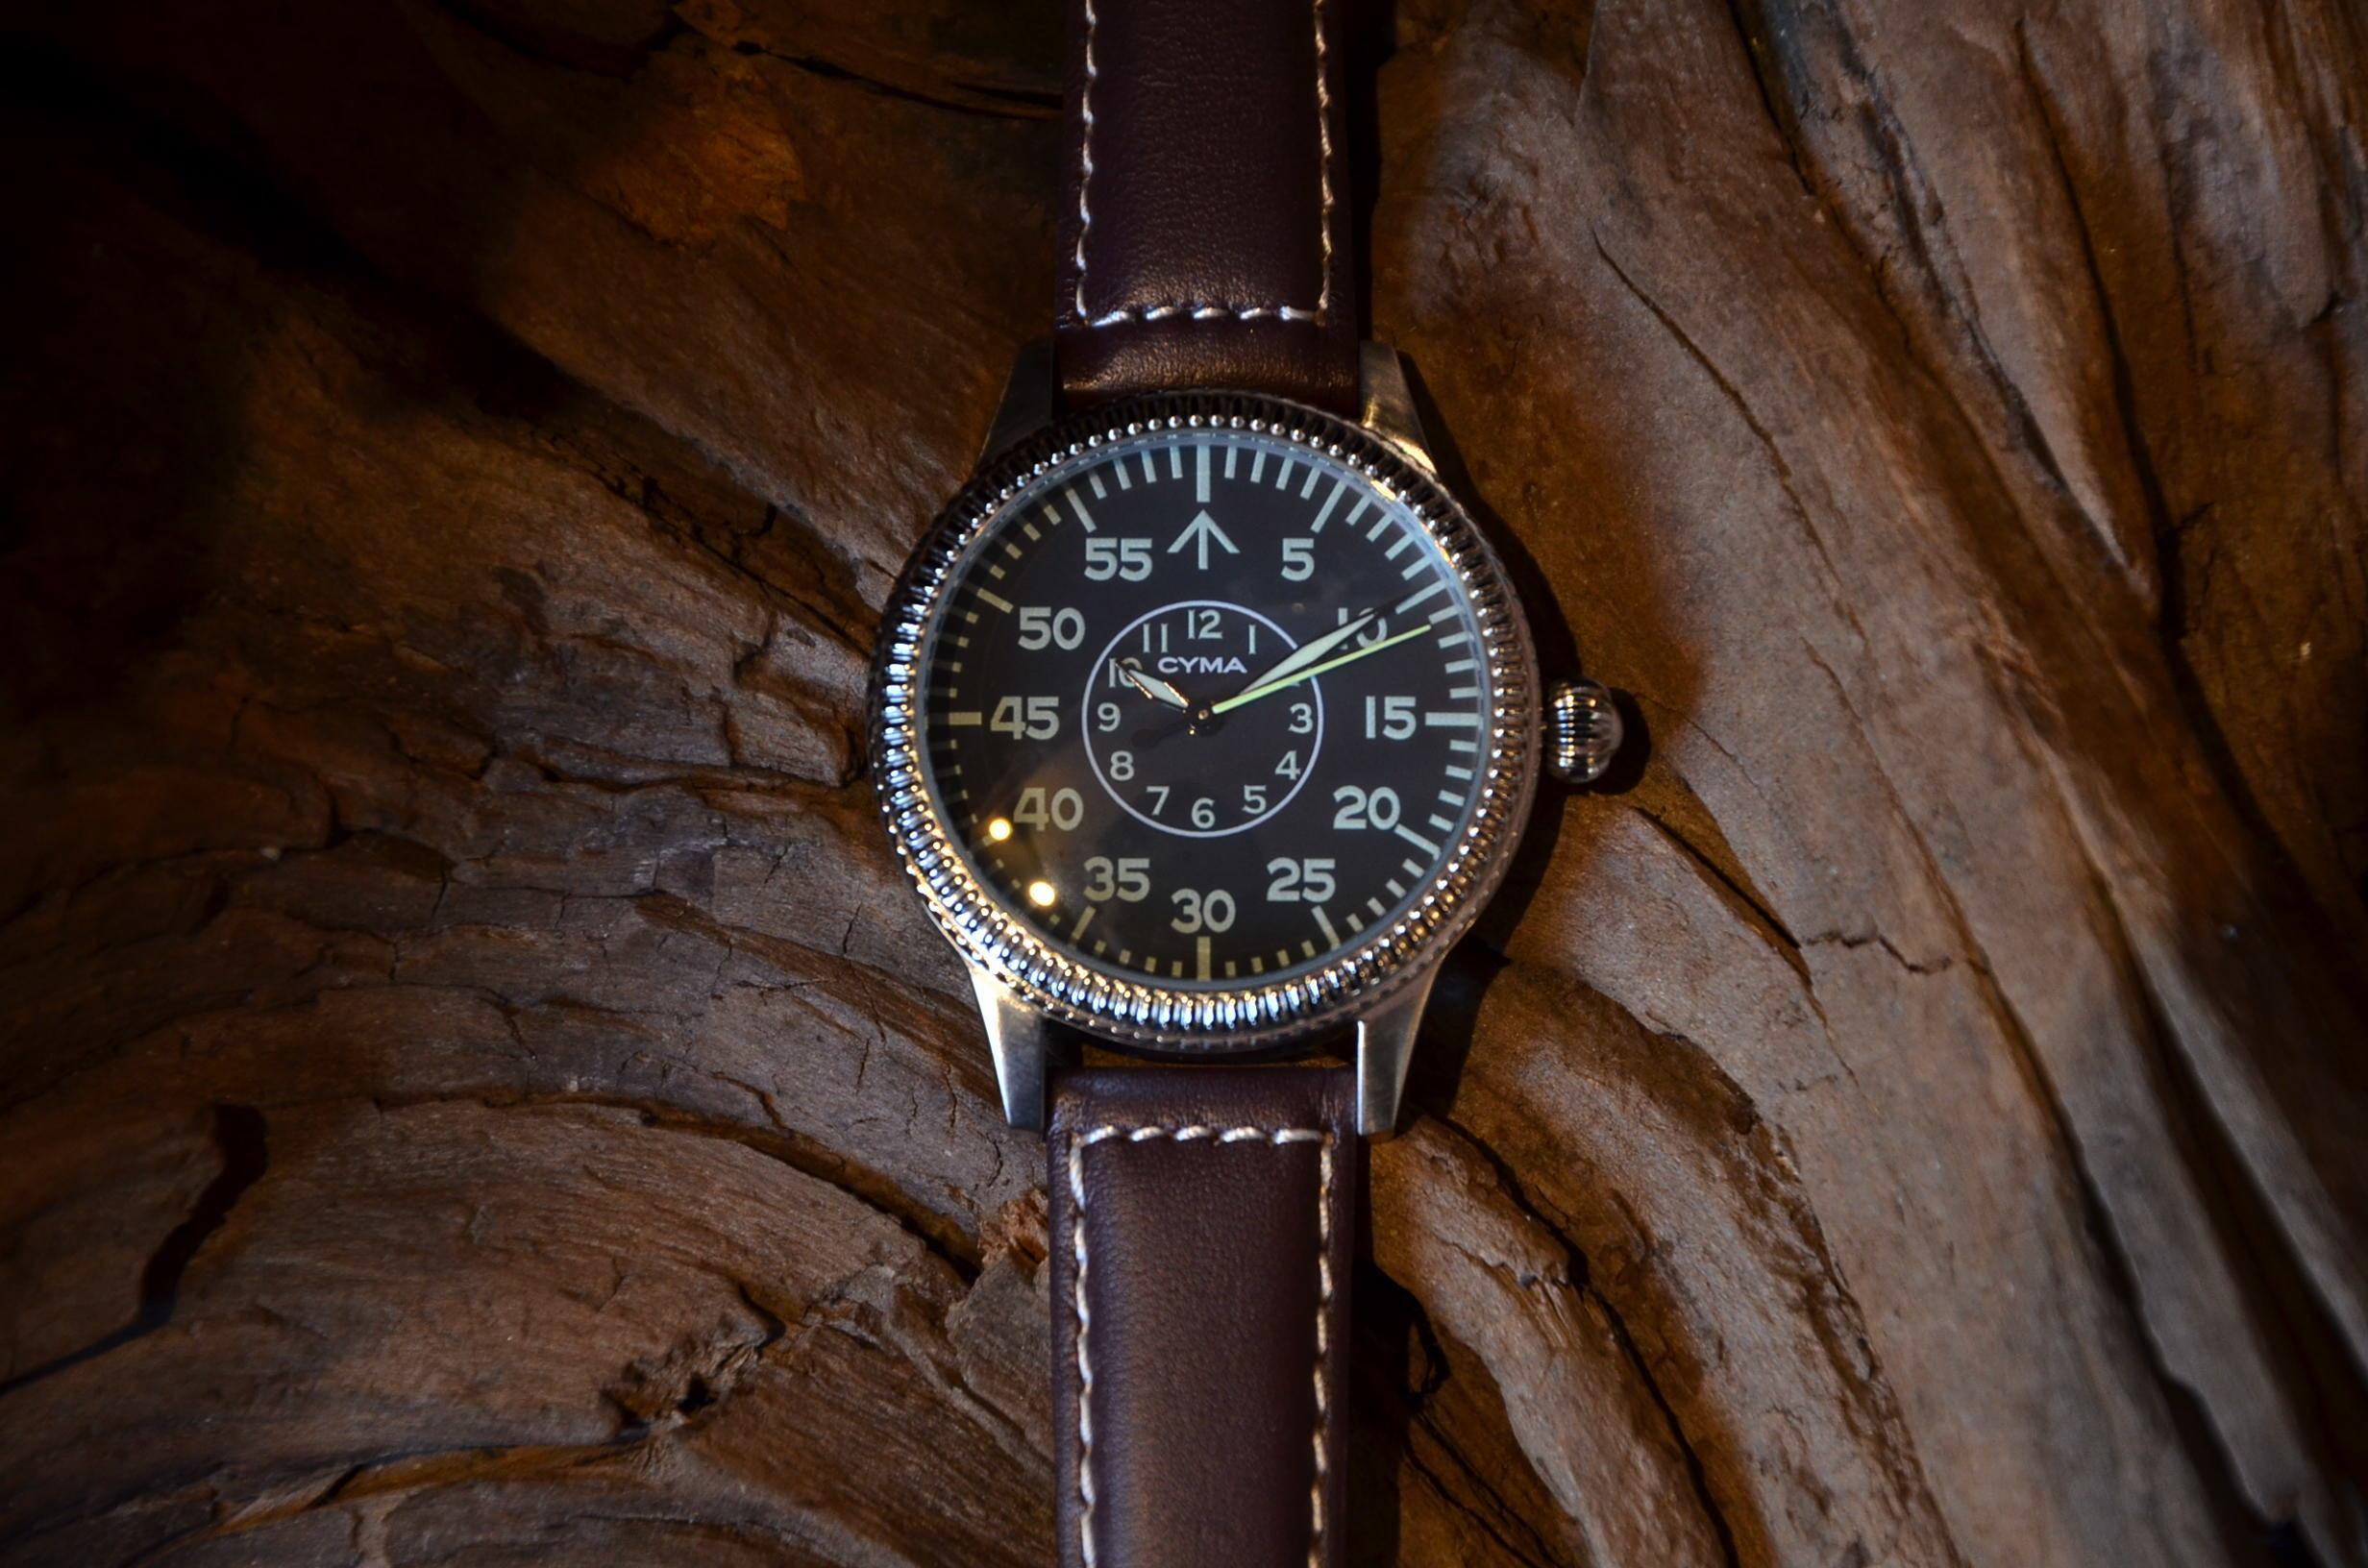 クリスマスギフトにも最適な腕時計_c0167336_15374134.jpg